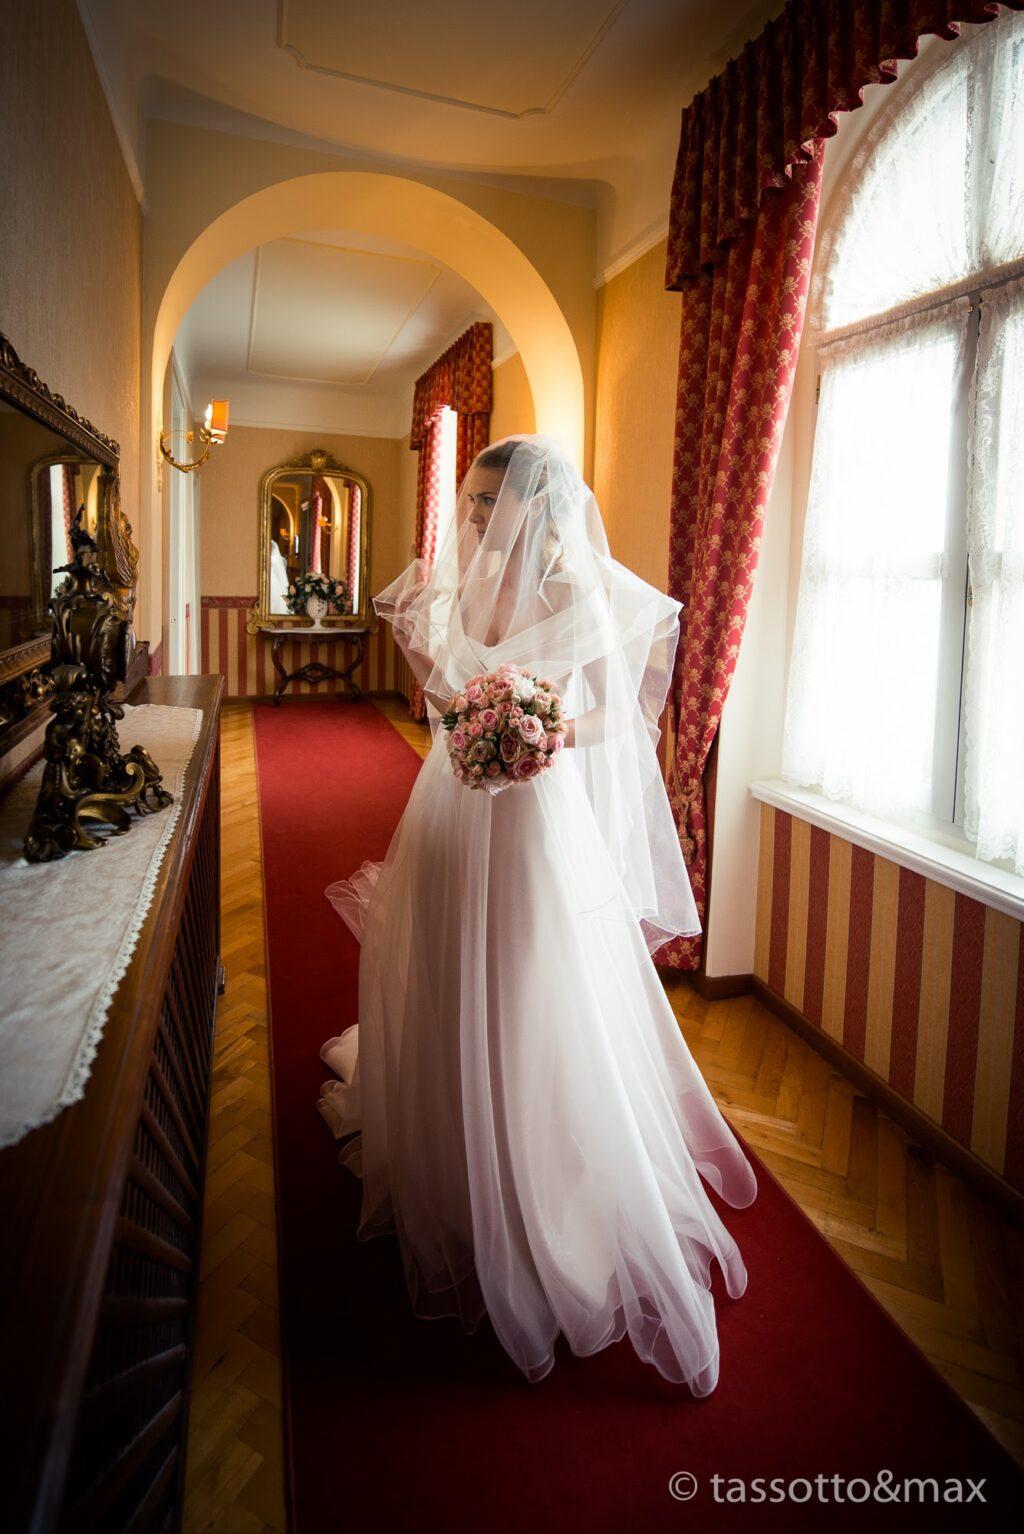 Sposa con velo che si guarda allo specchio in un corridoio di un castello antico